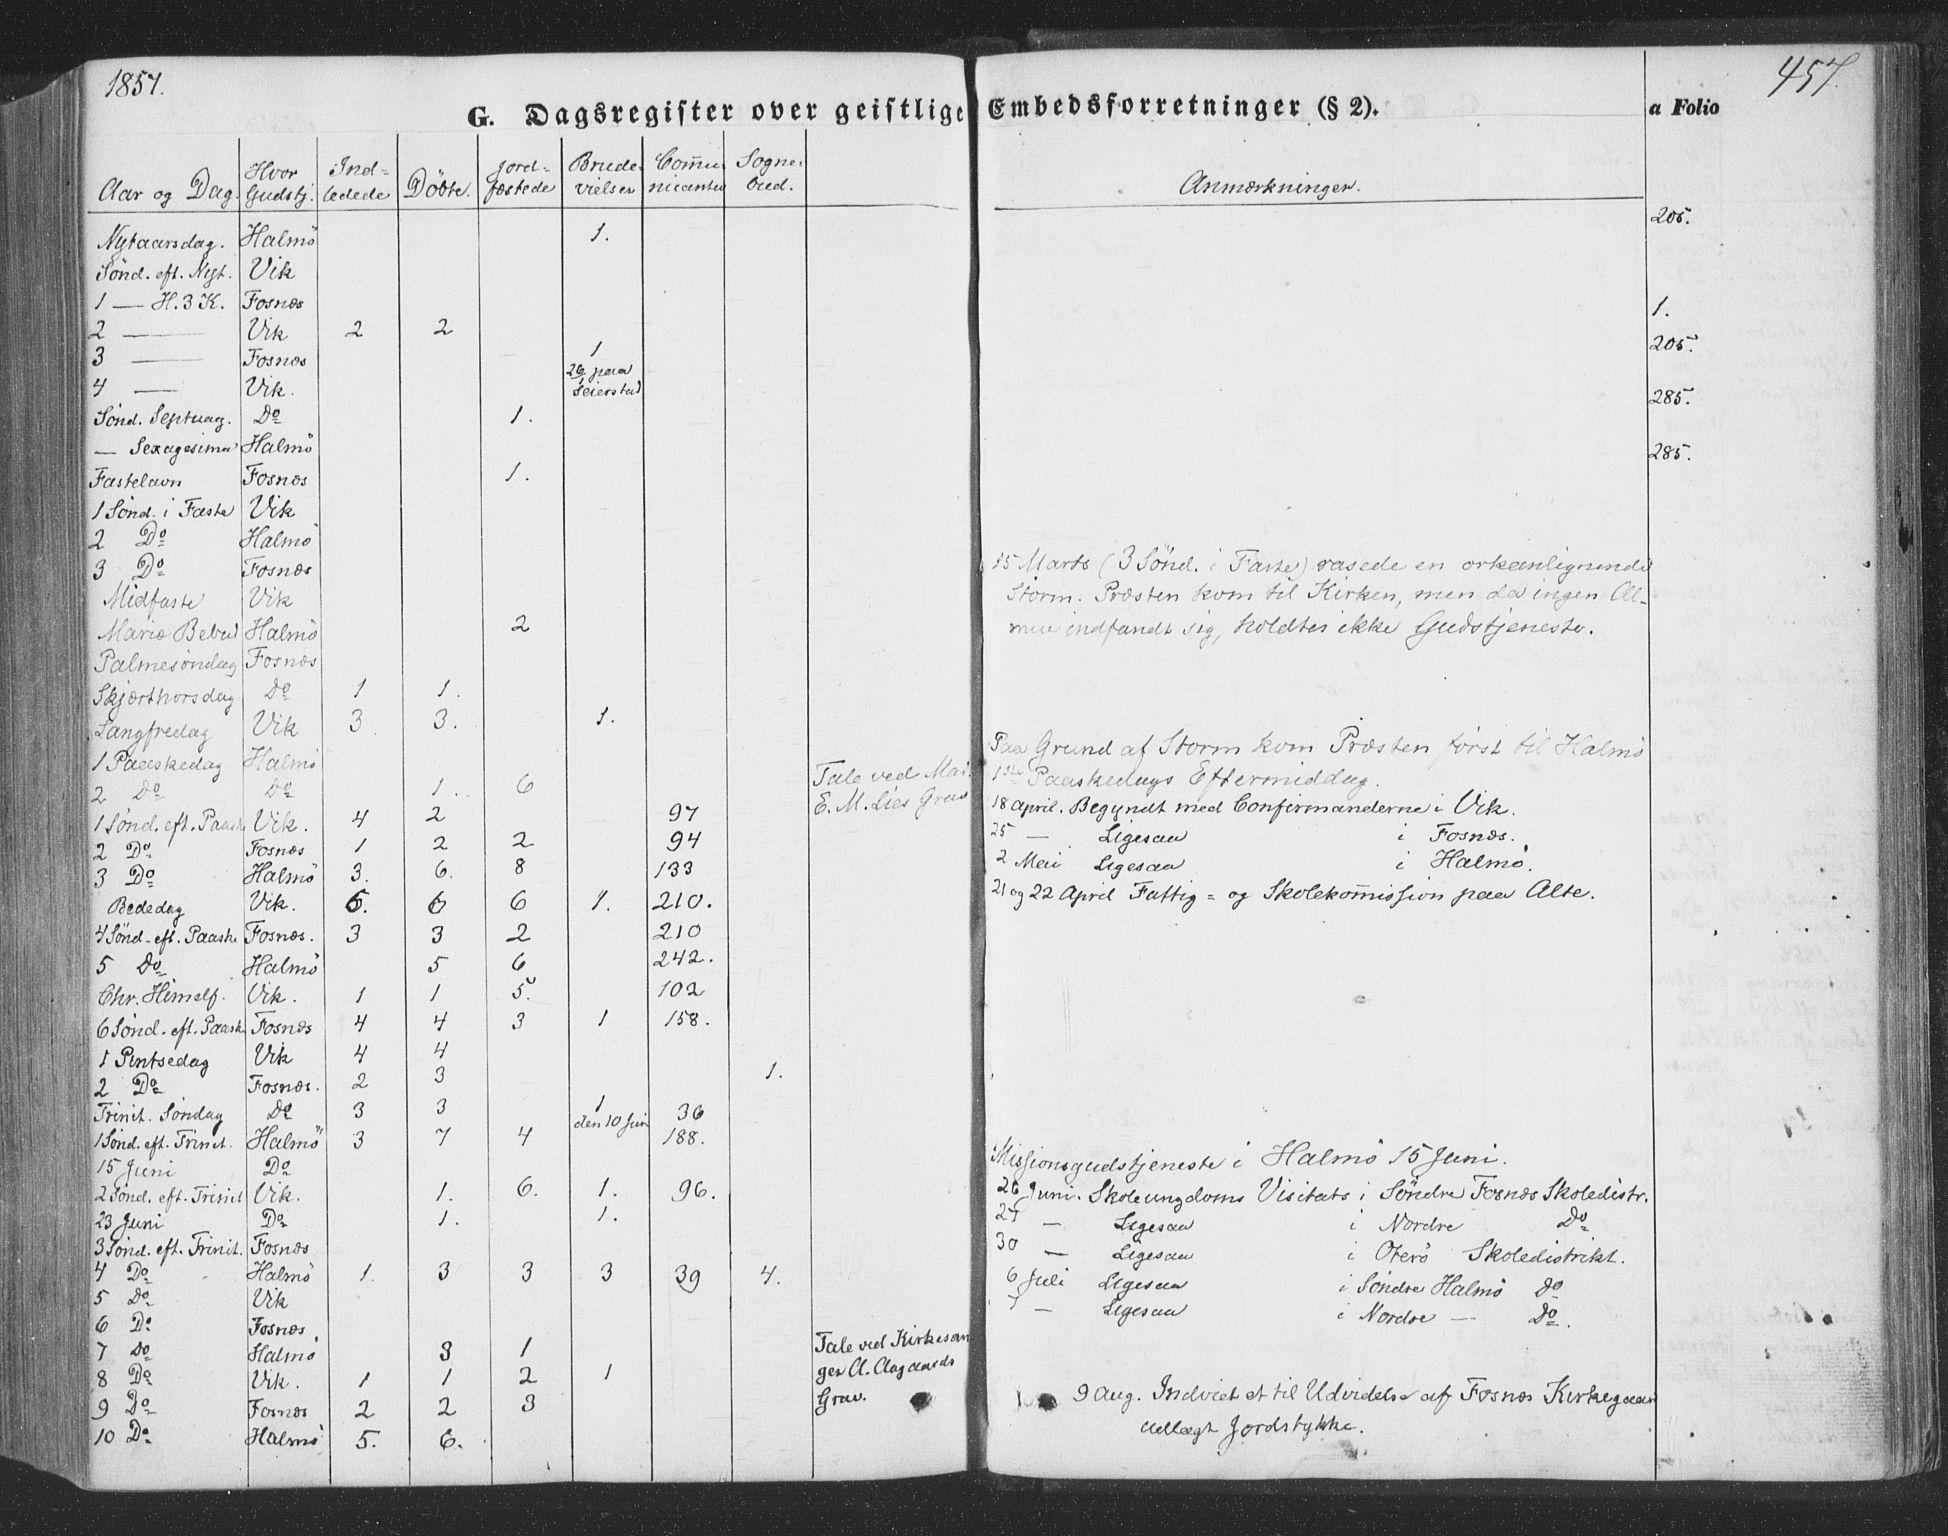 SAT, Ministerialprotokoller, klokkerbøker og fødselsregistre - Nord-Trøndelag, 773/L0615: Ministerialbok nr. 773A06, 1857-1870, s. 457